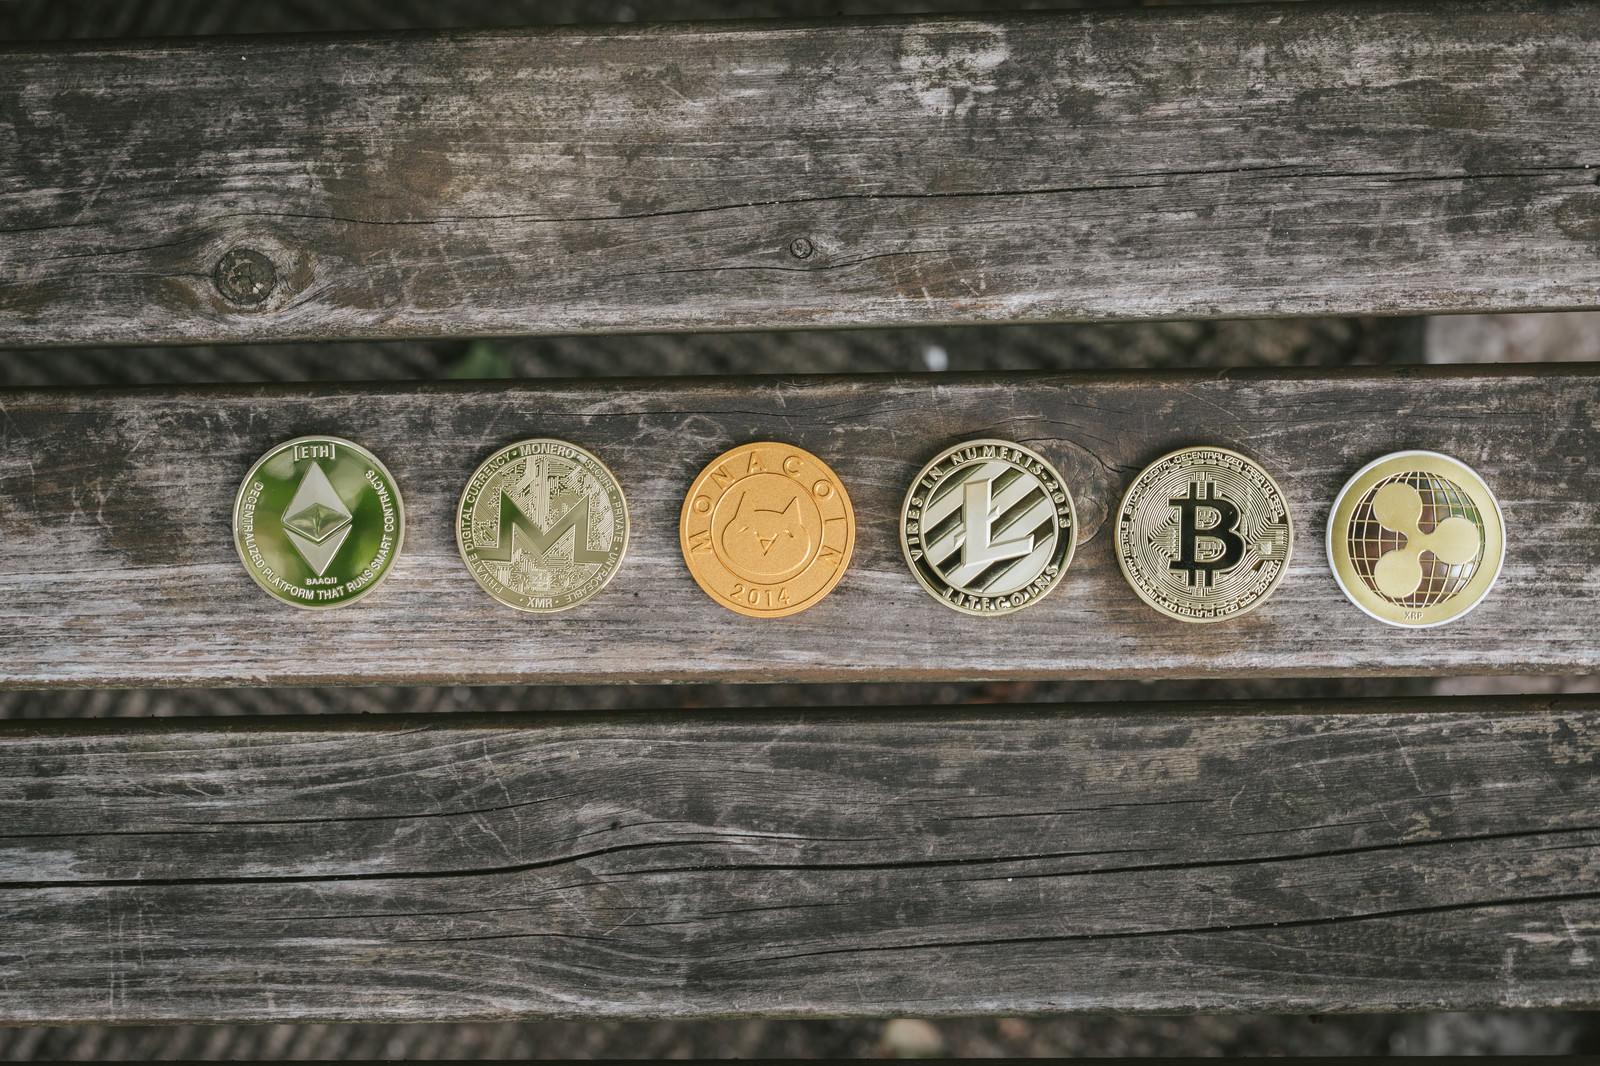 「モナコインを中心にした仮想通貨」の写真